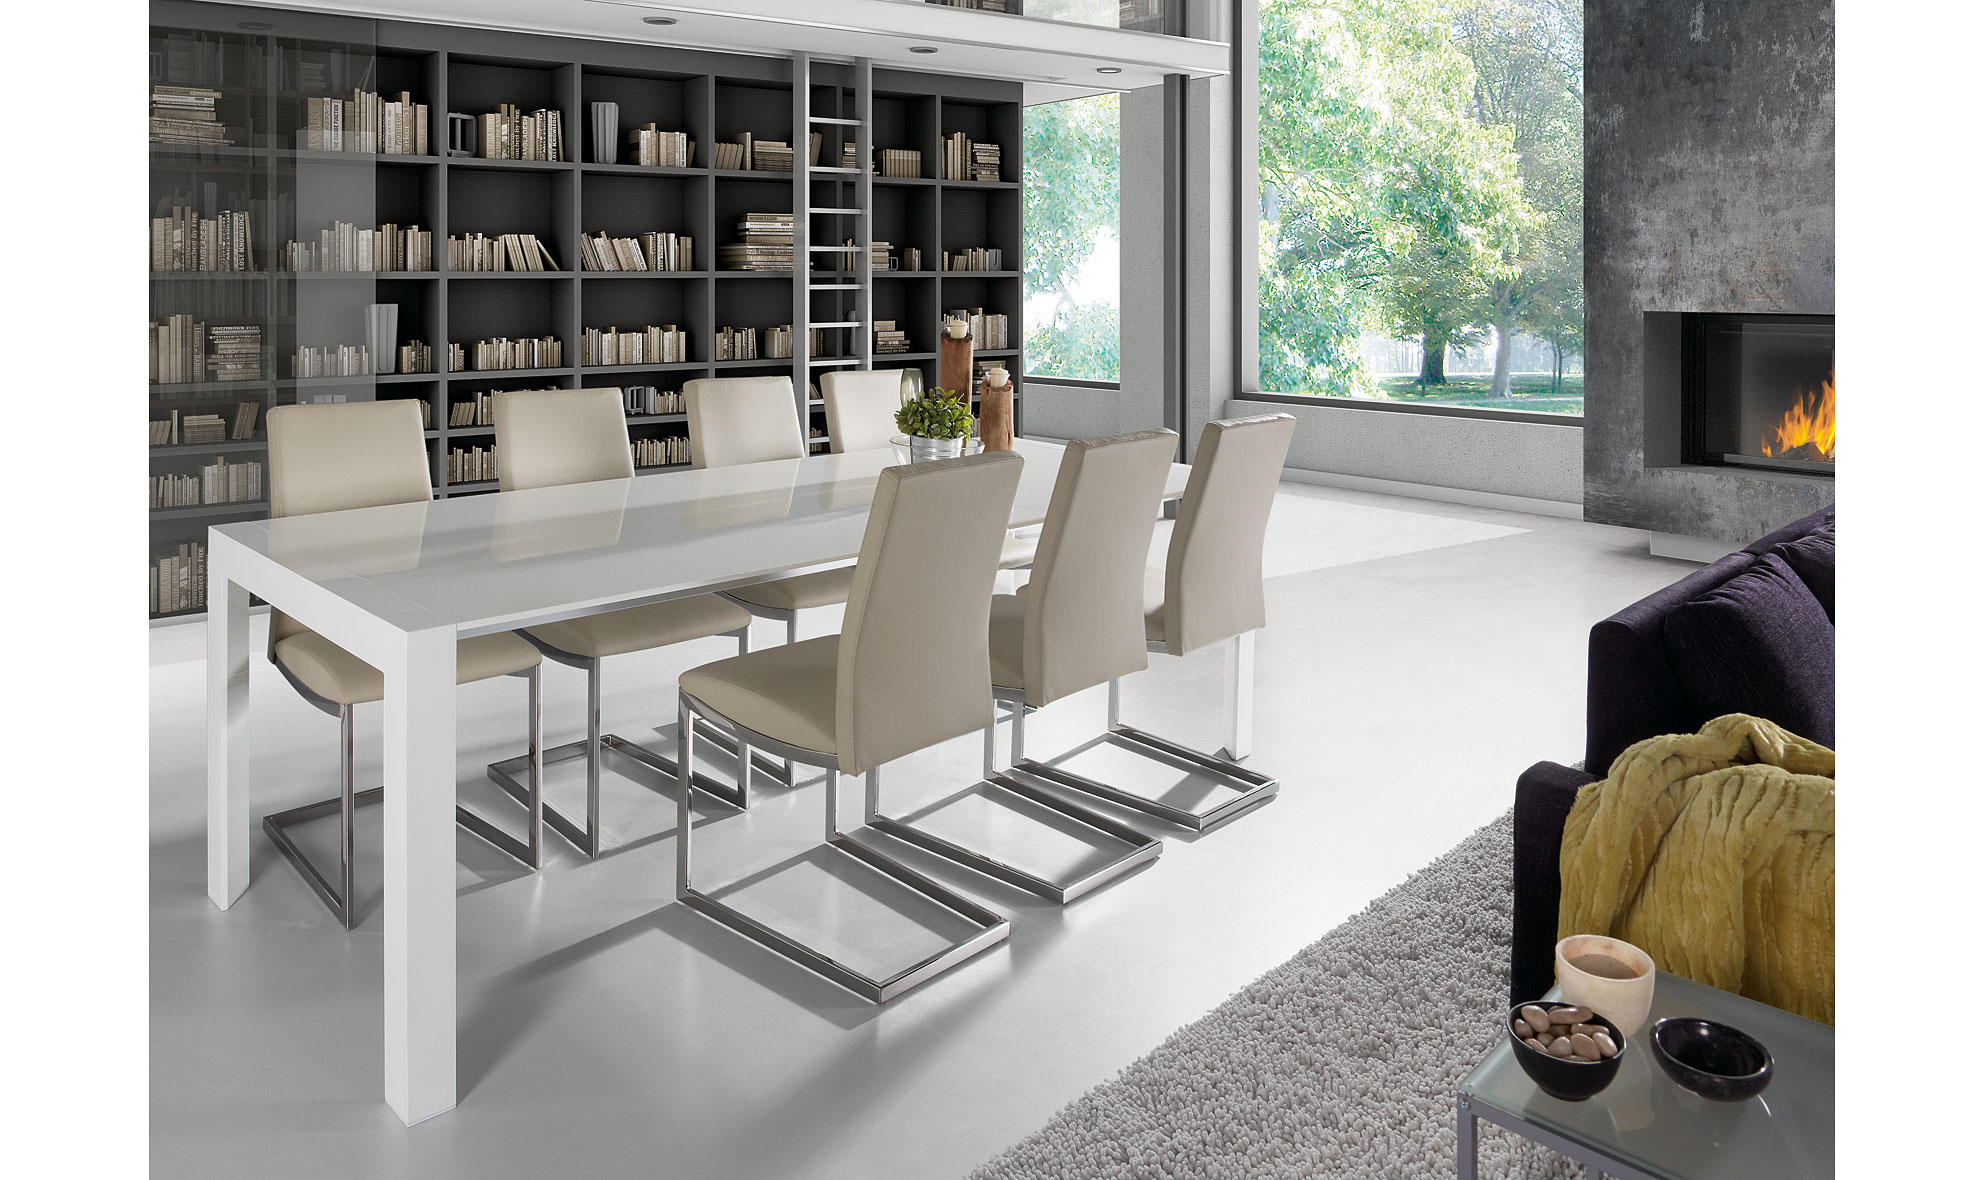 Mesa de comedor extensible moderna nagar en for Mobiliario para despachos